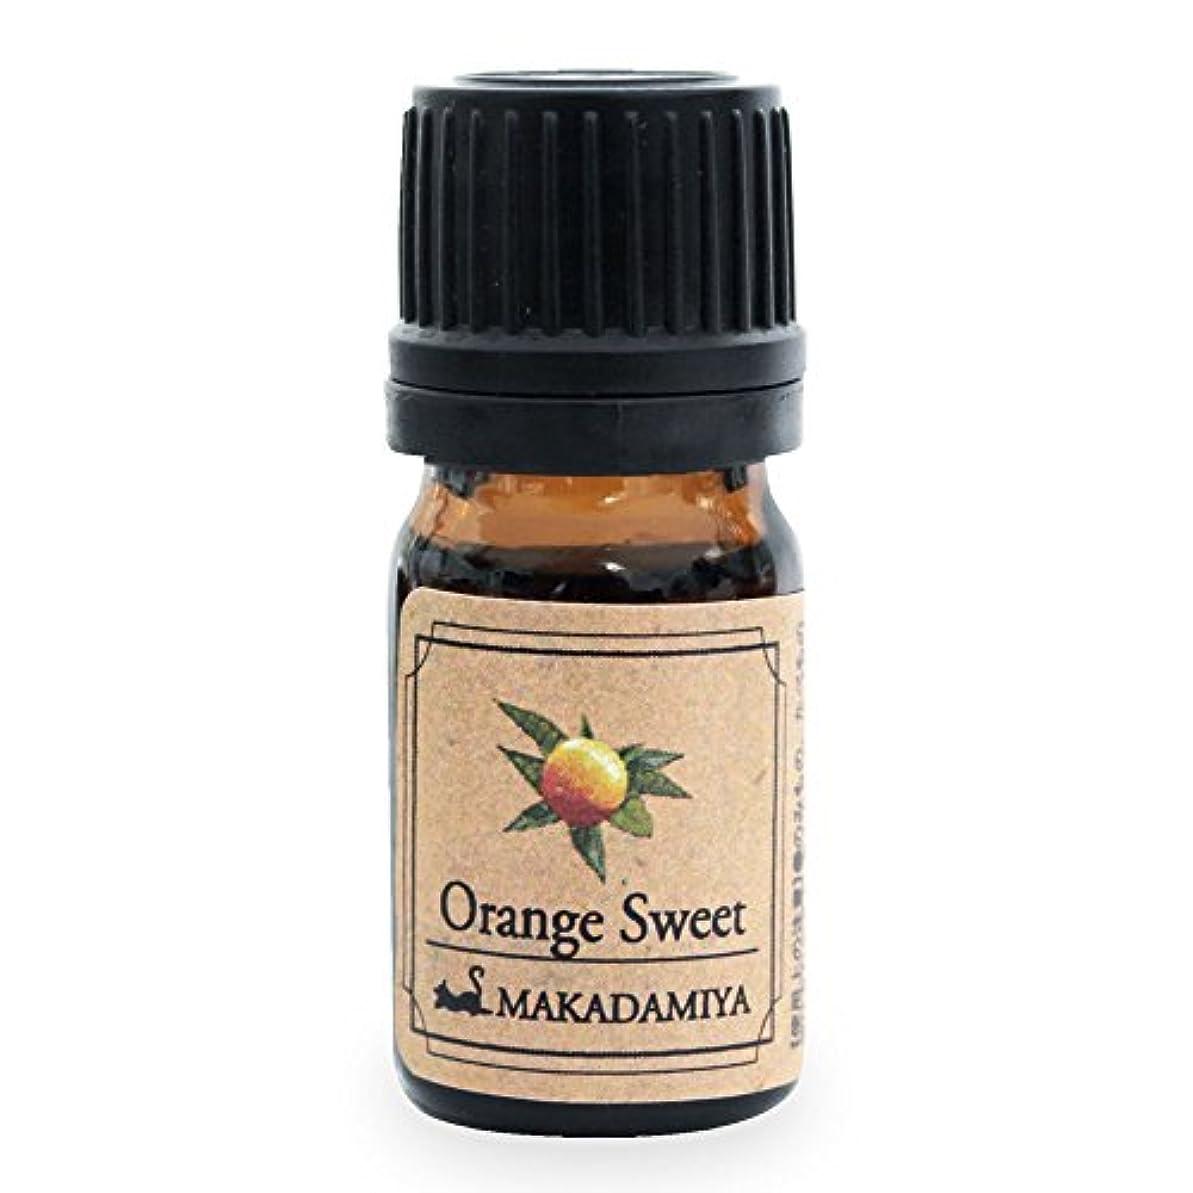 抵抗する美徳仮説オレンジ?スイート5ml 天然100%植物性 エッセンシャルオイル(精油) アロマオイル アロママッサージ aroma Orange Sweet